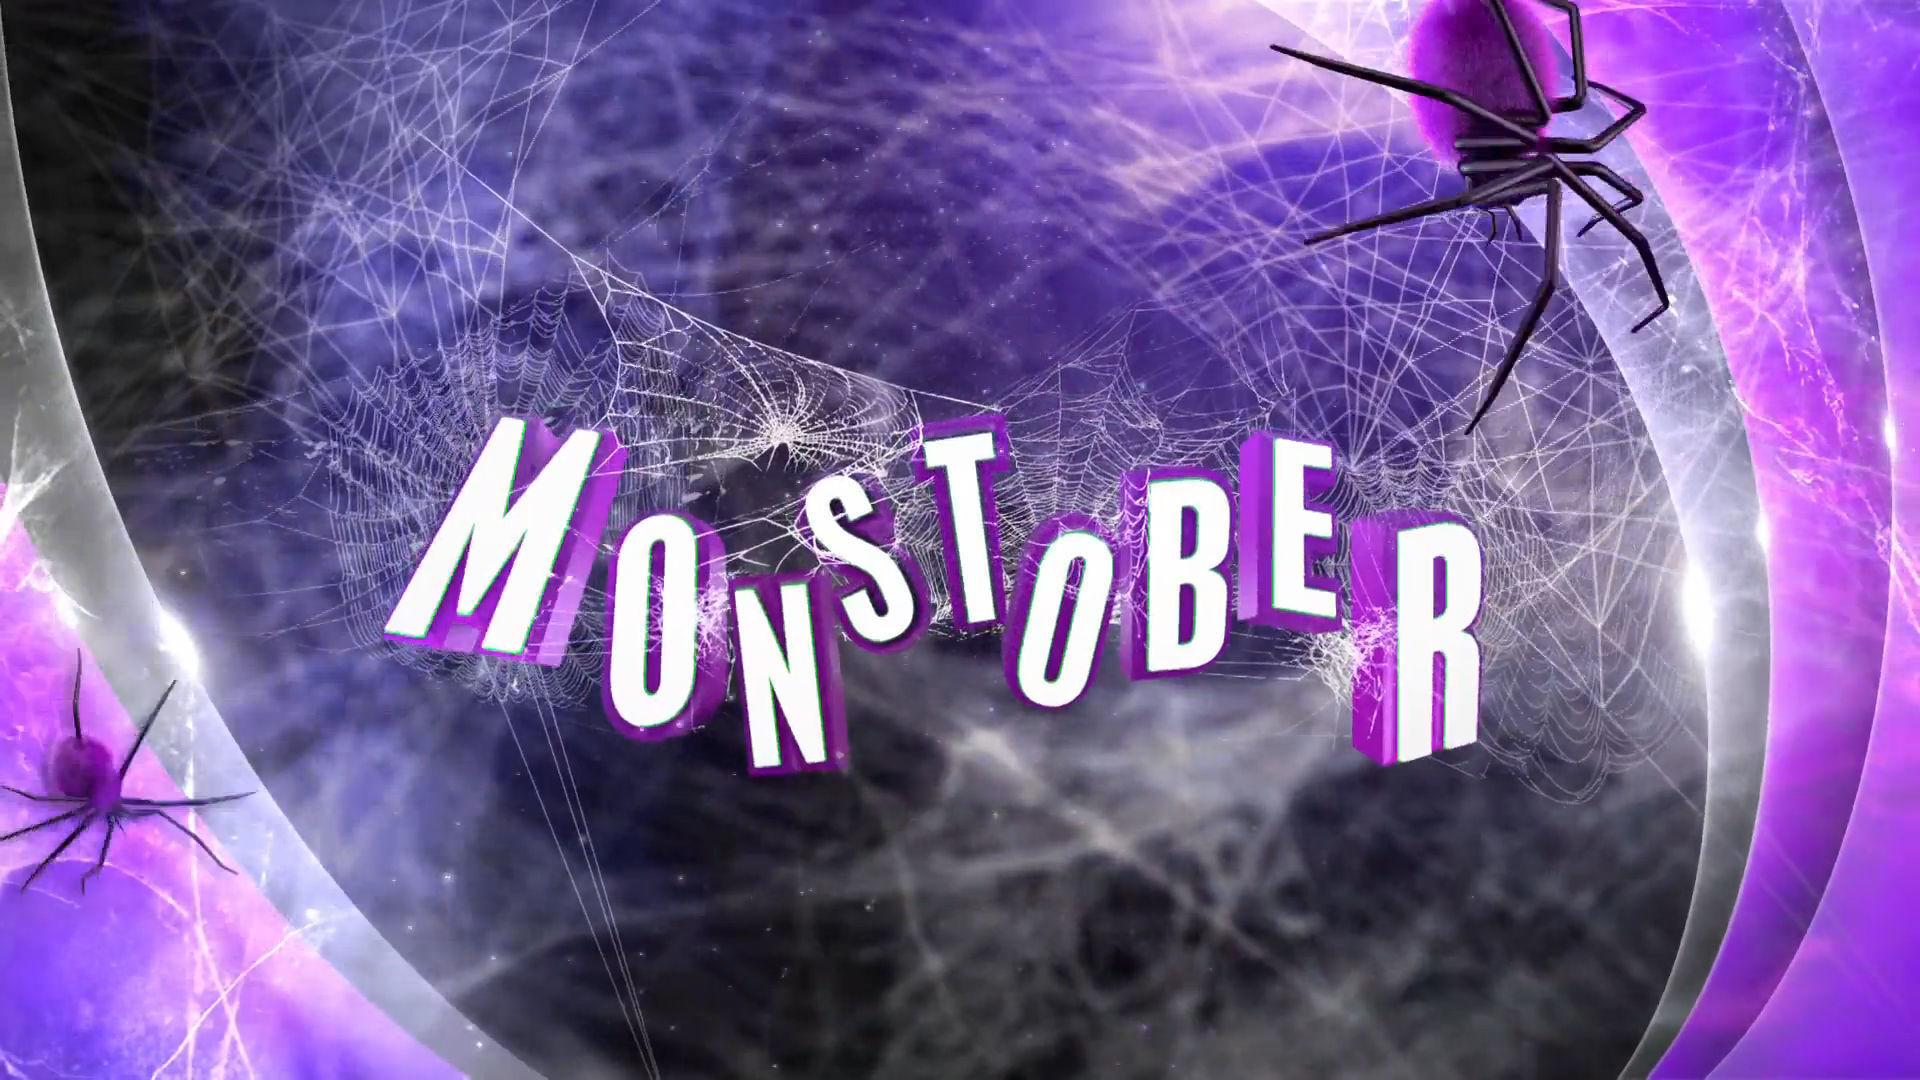 Monstober on Disney Channel